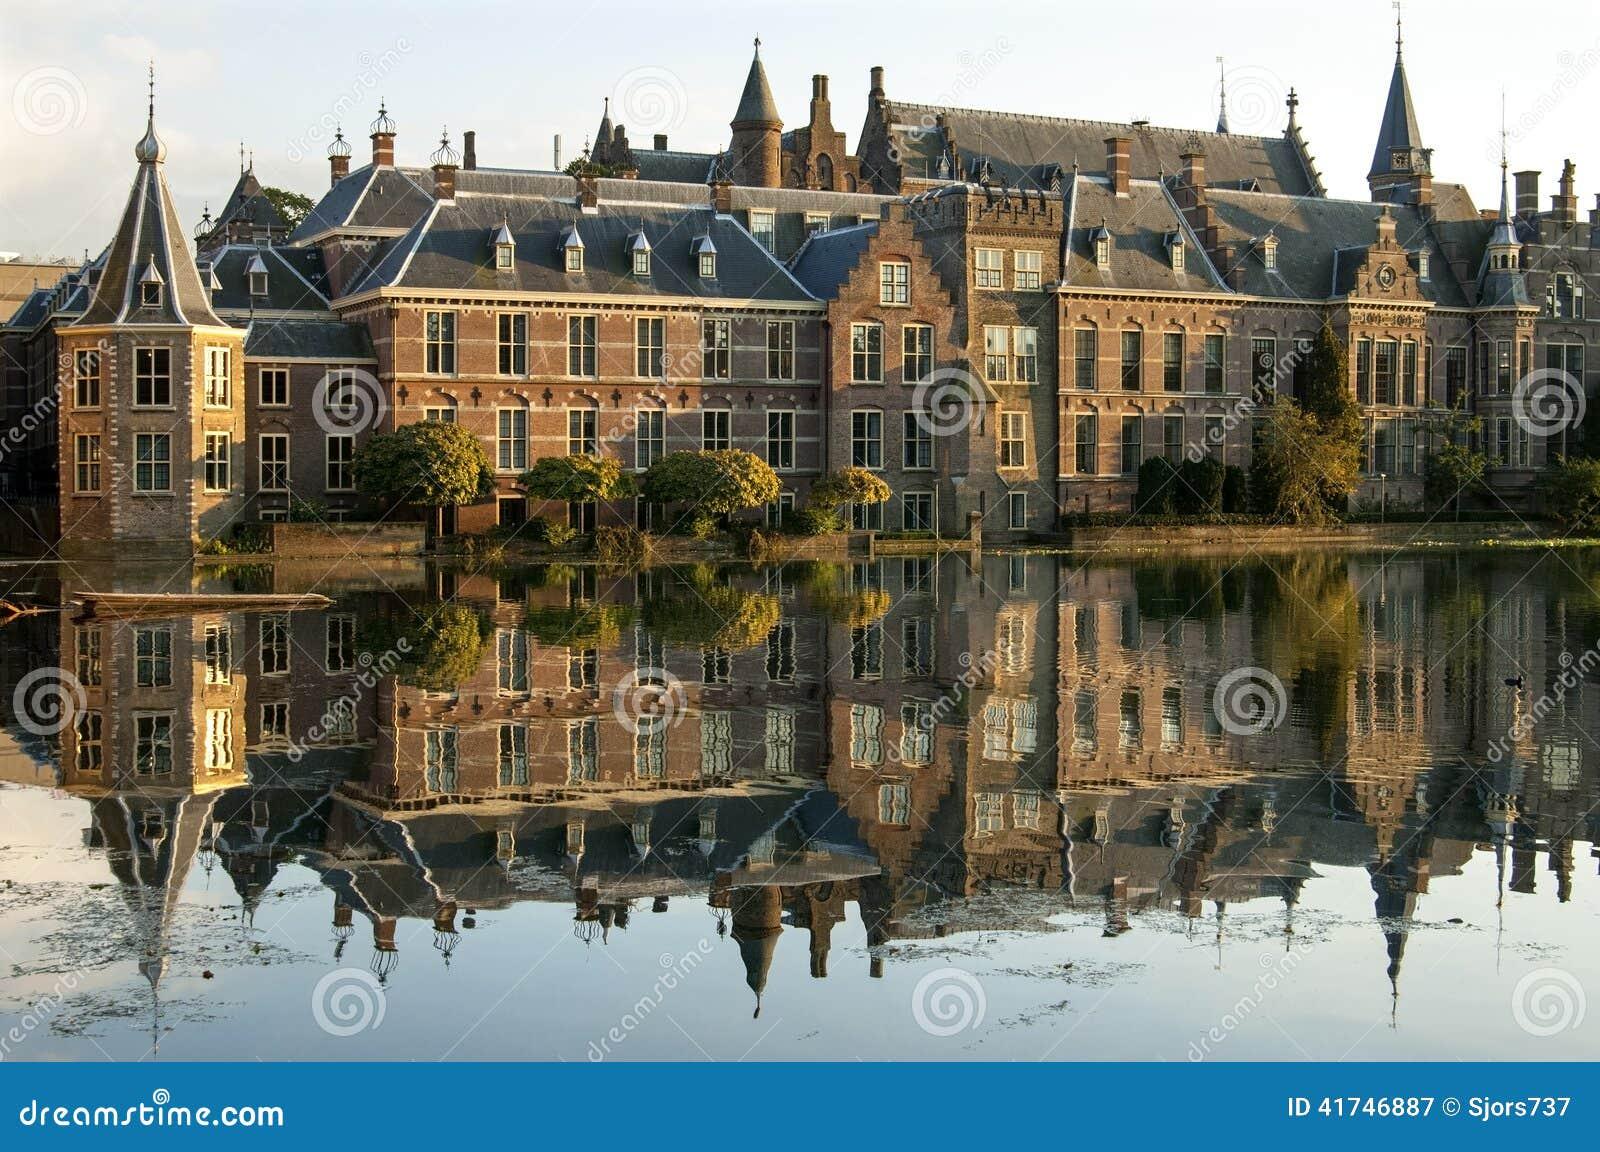 download electronic government 6th international conference egov 2007 regensburg germany september 3